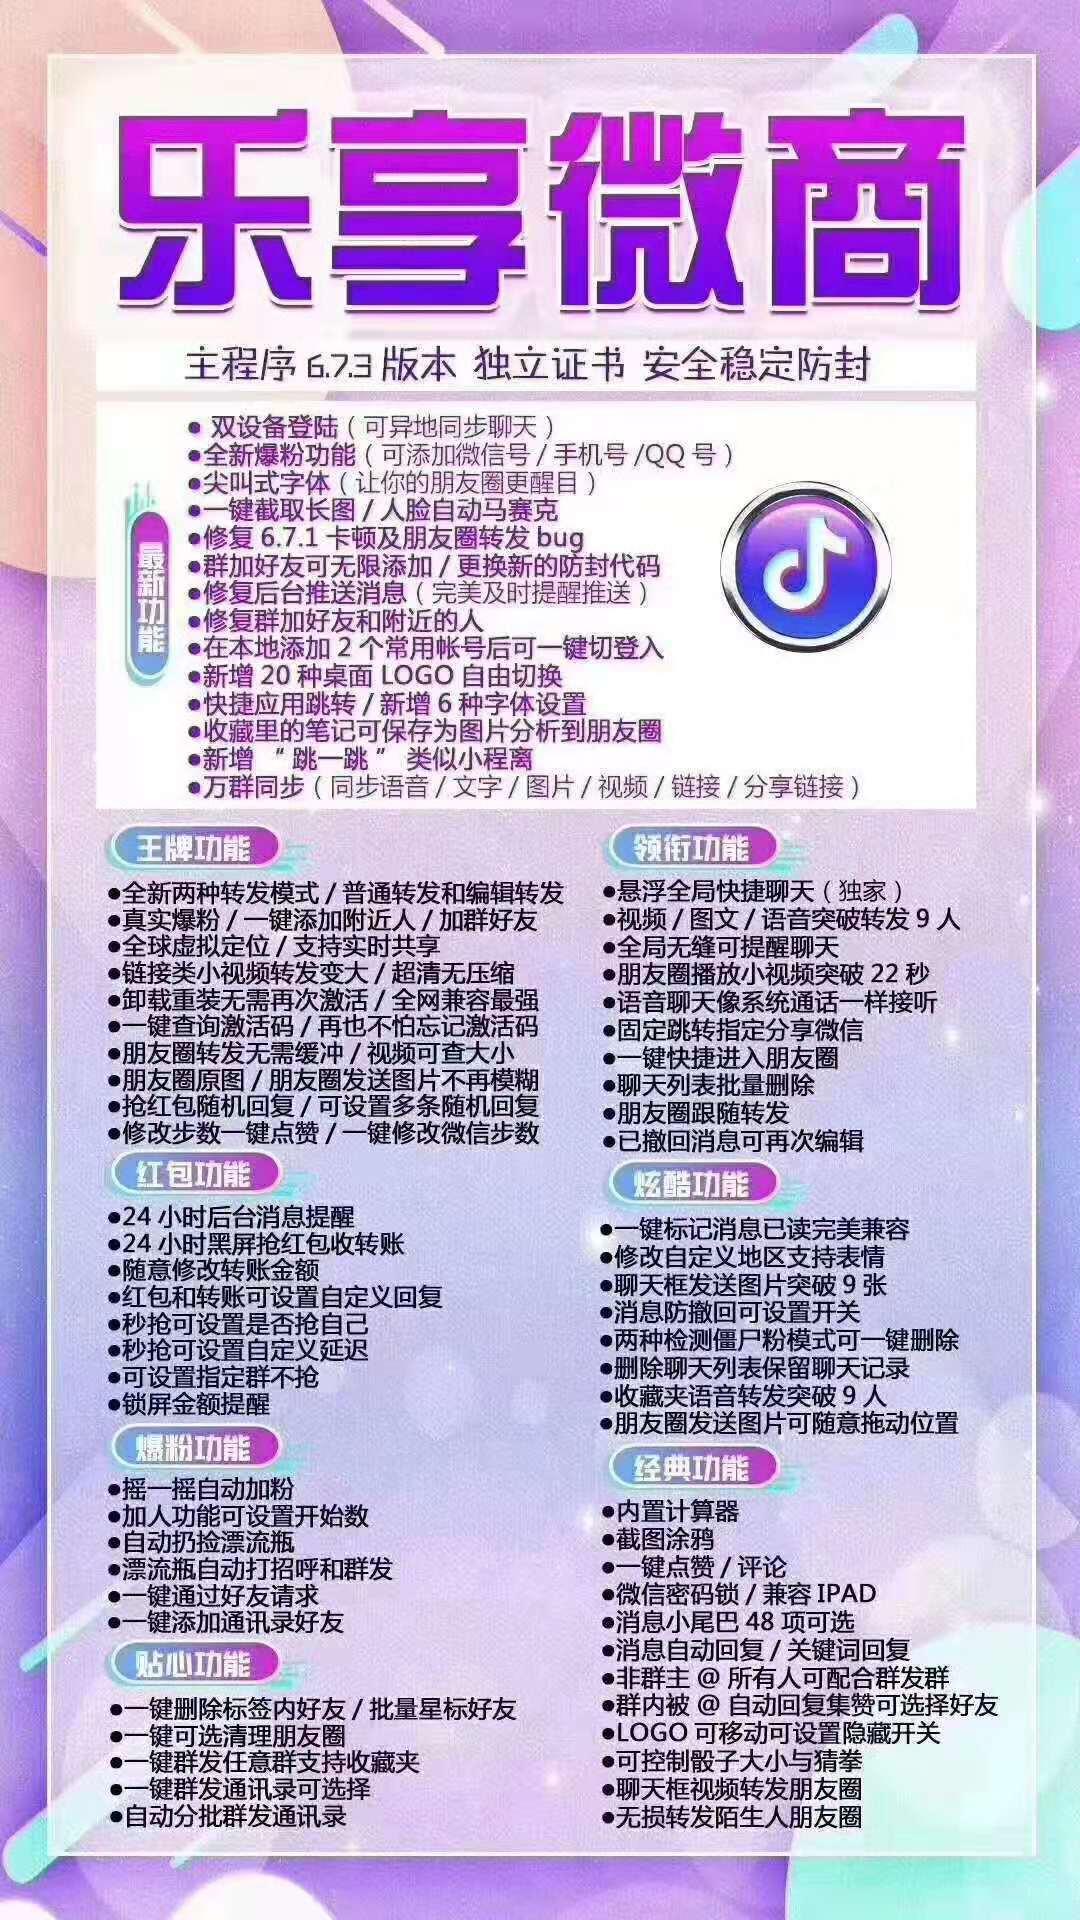 【乐享微商官网】苹果4开分身多开不封号防封性能强原十全十美源码正版激活码